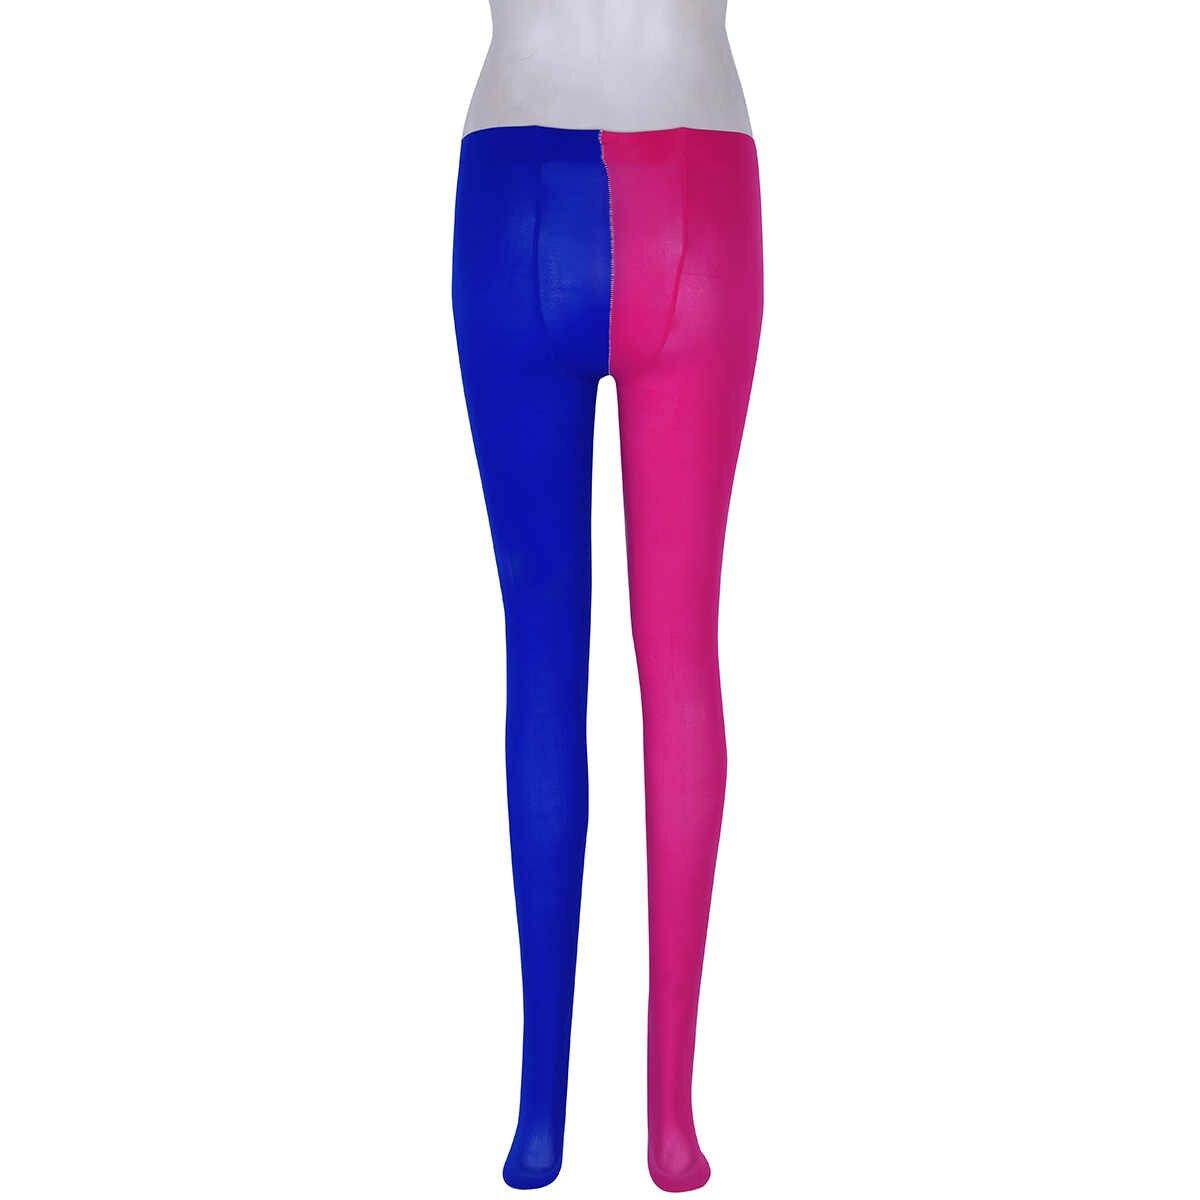 ユニセックス女性タイツ男性ストッキングフル足女性ストッキング 2 トーン道化師衣装補強つま先